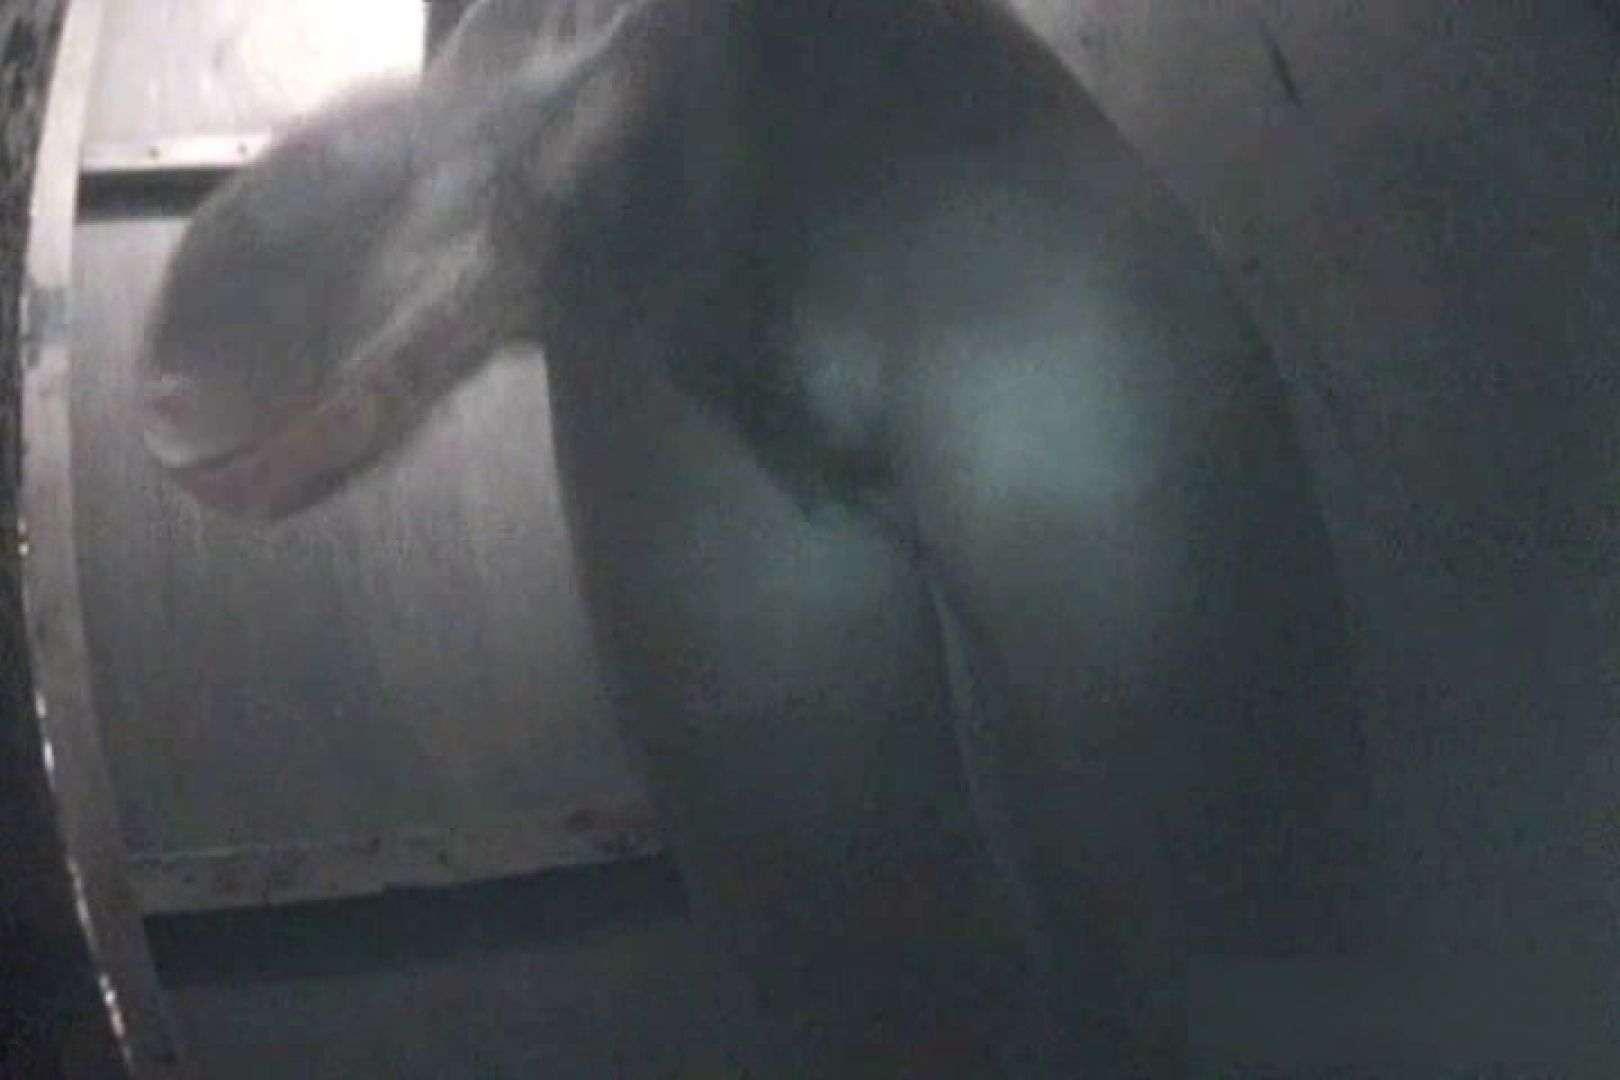 夏海シャワー室!ベトベトお肌をサラサラに!VOL.09 シャワー室  106pic 82